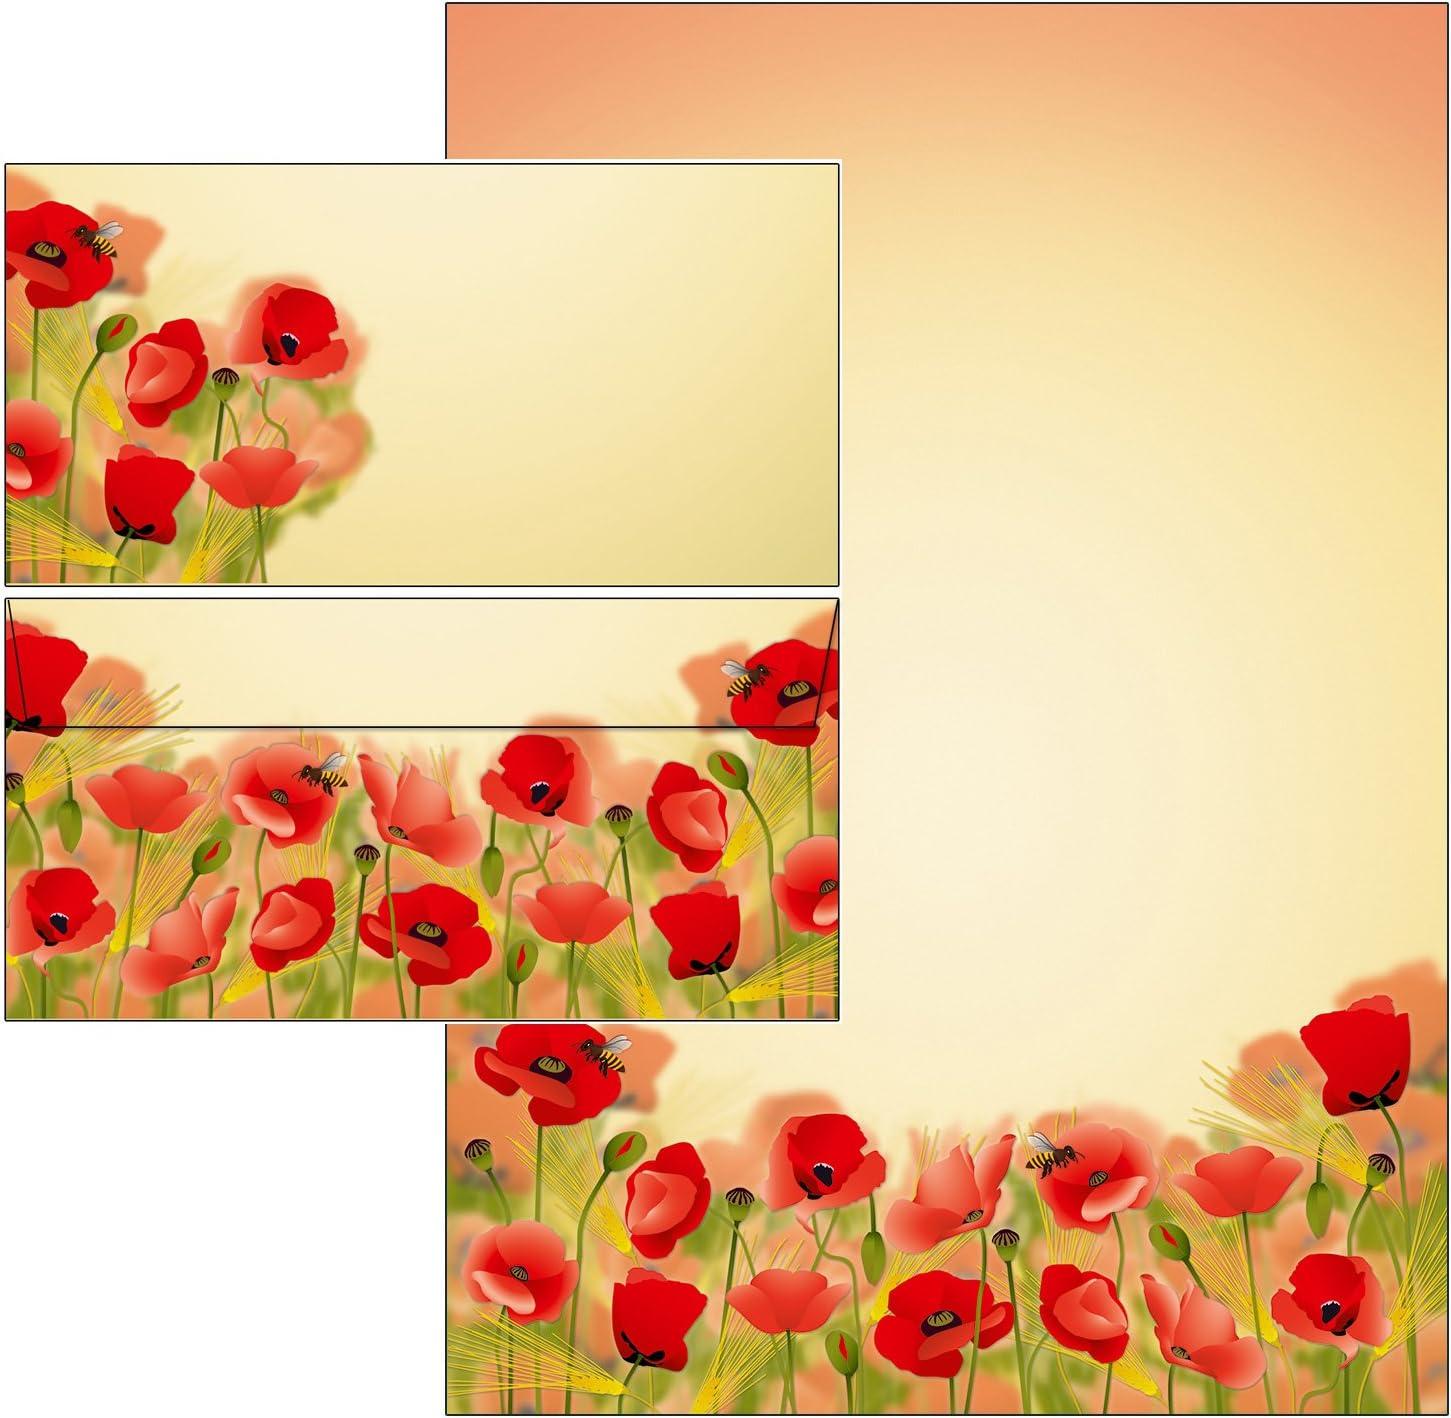 50 Blatt Briefpapier + 50 Kuverts ohne Mappe Briefpapier Briefumschl/äge DIN lang ohne Fenster Mohnblumen Set